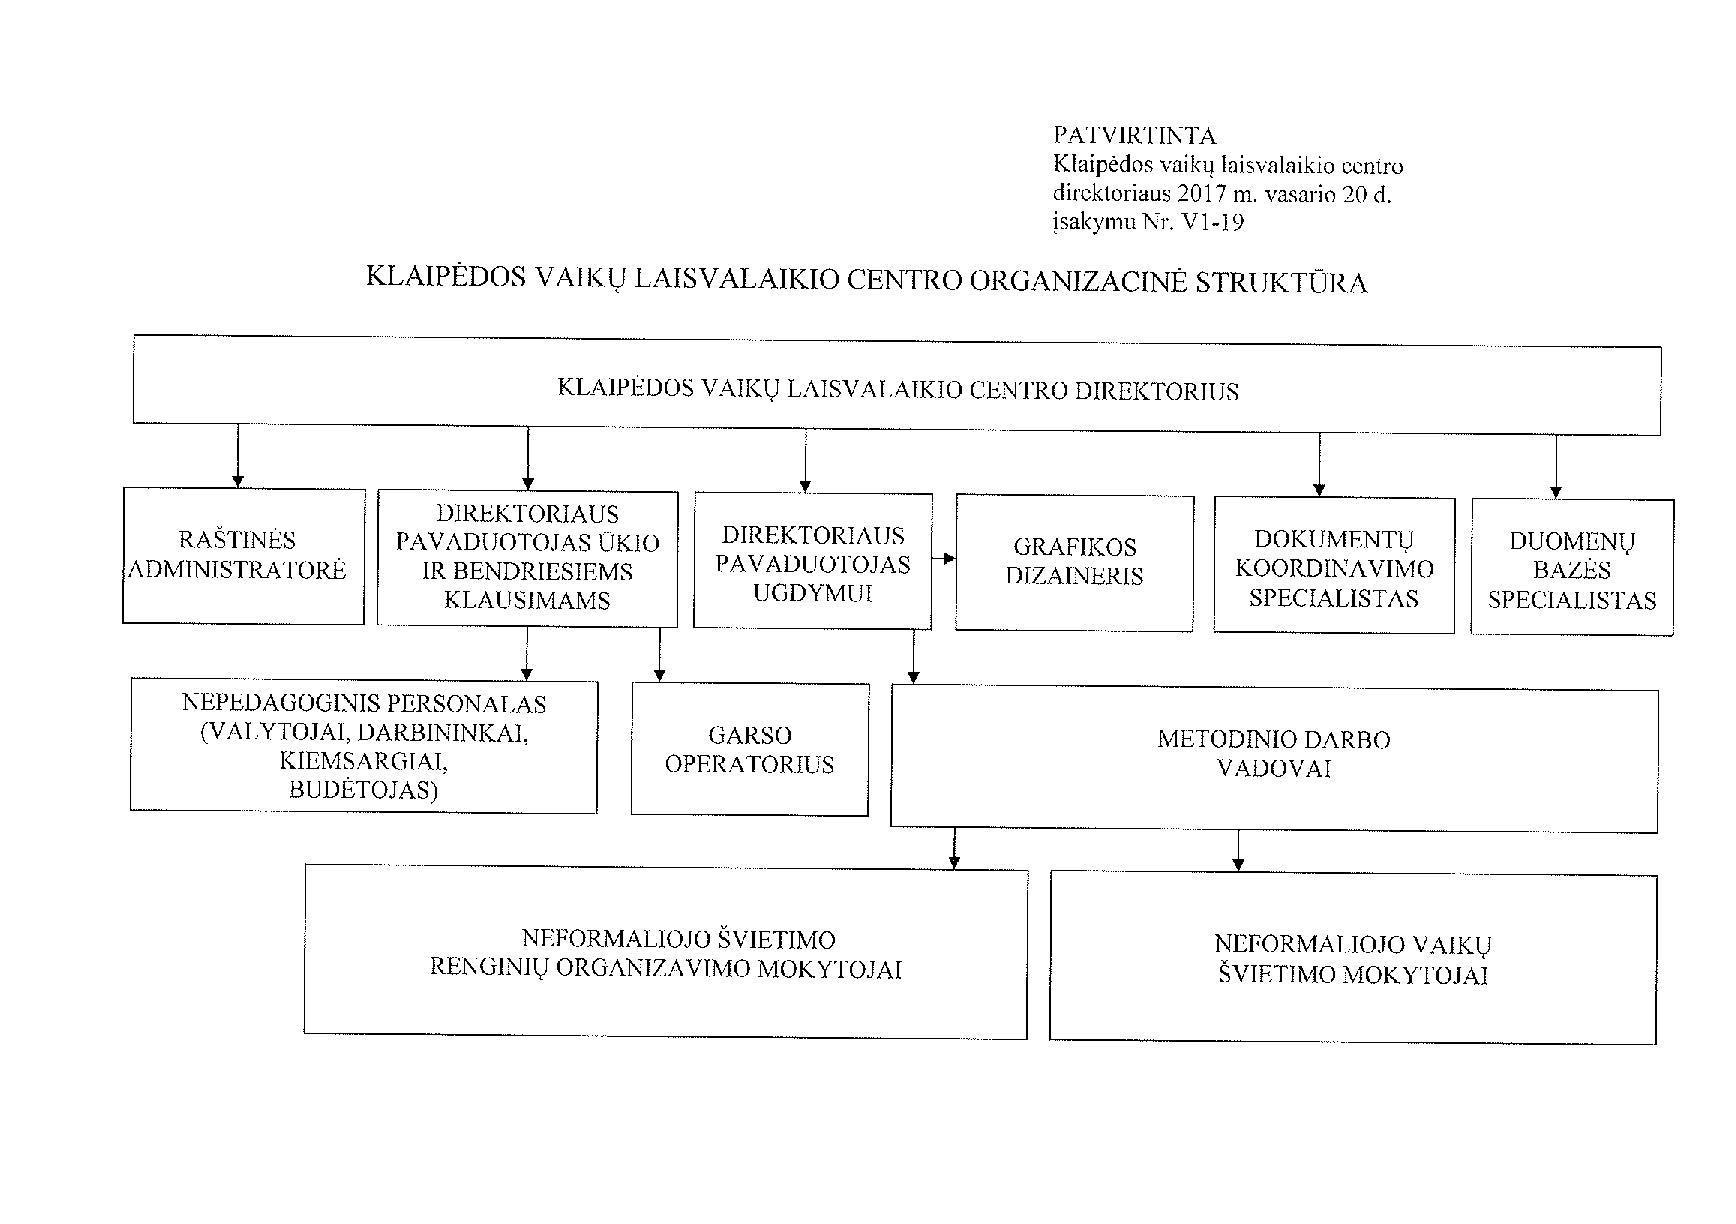 valdymo struktura